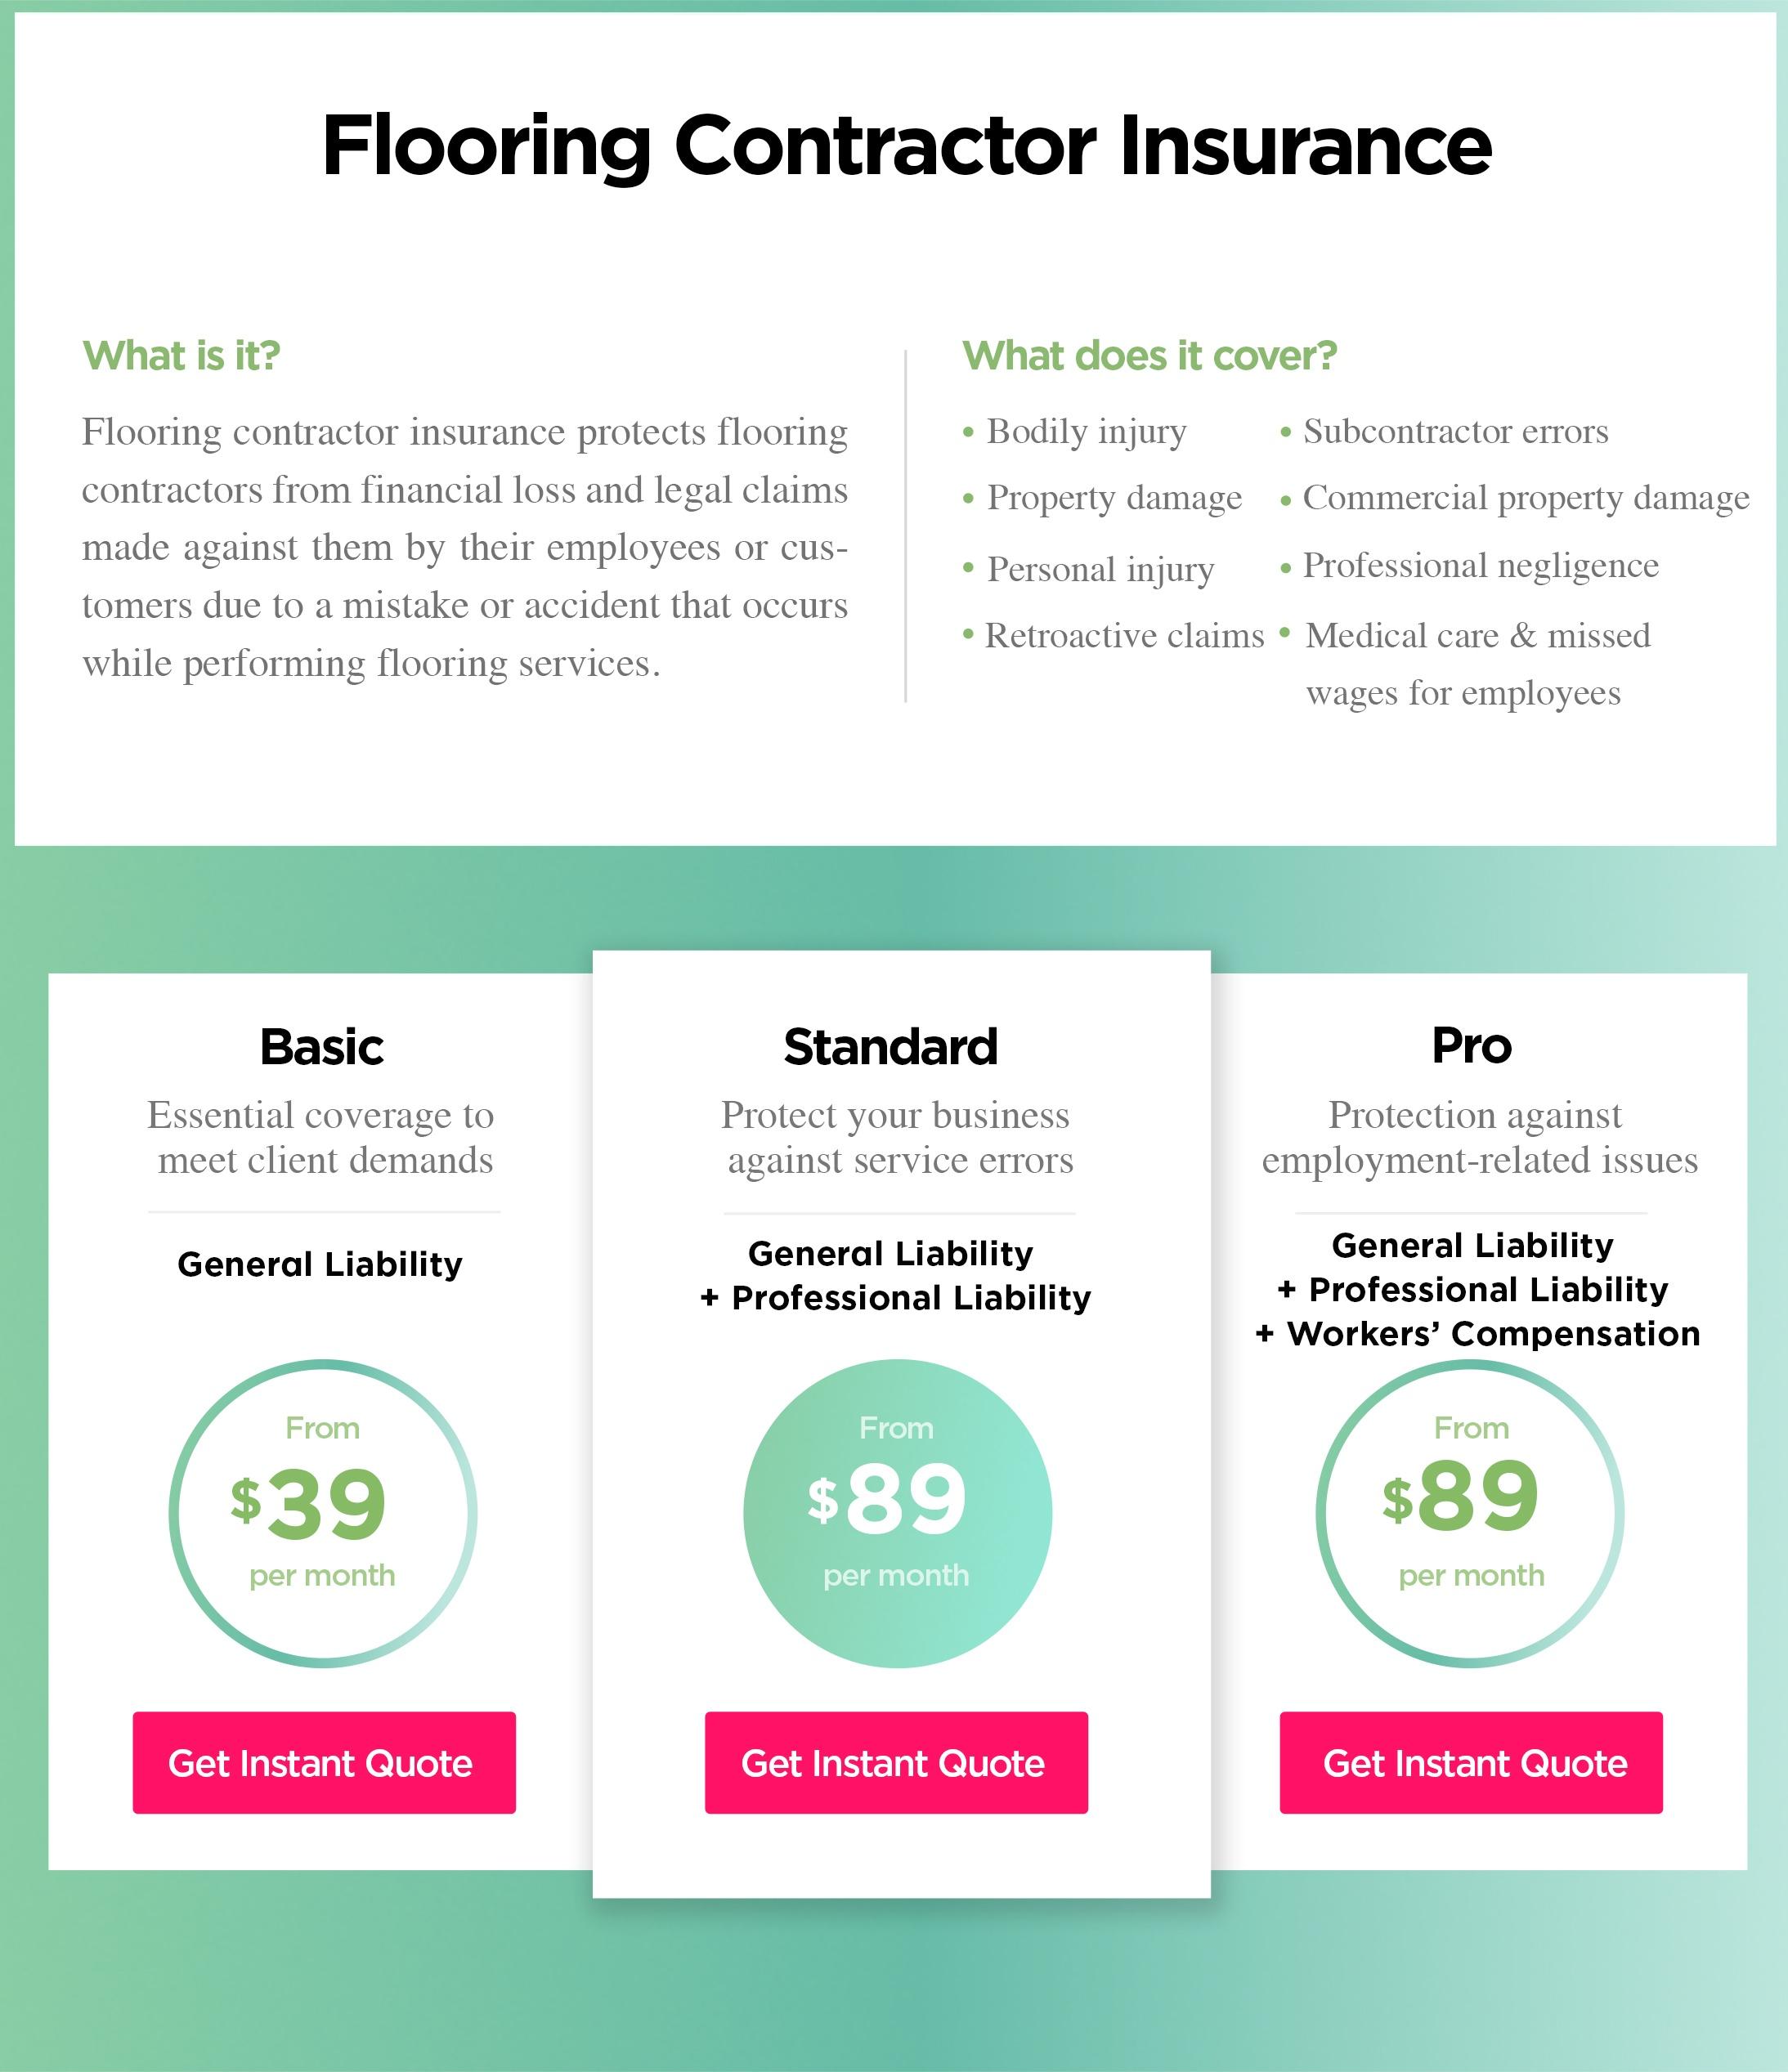 Flooring Contractor Insurance